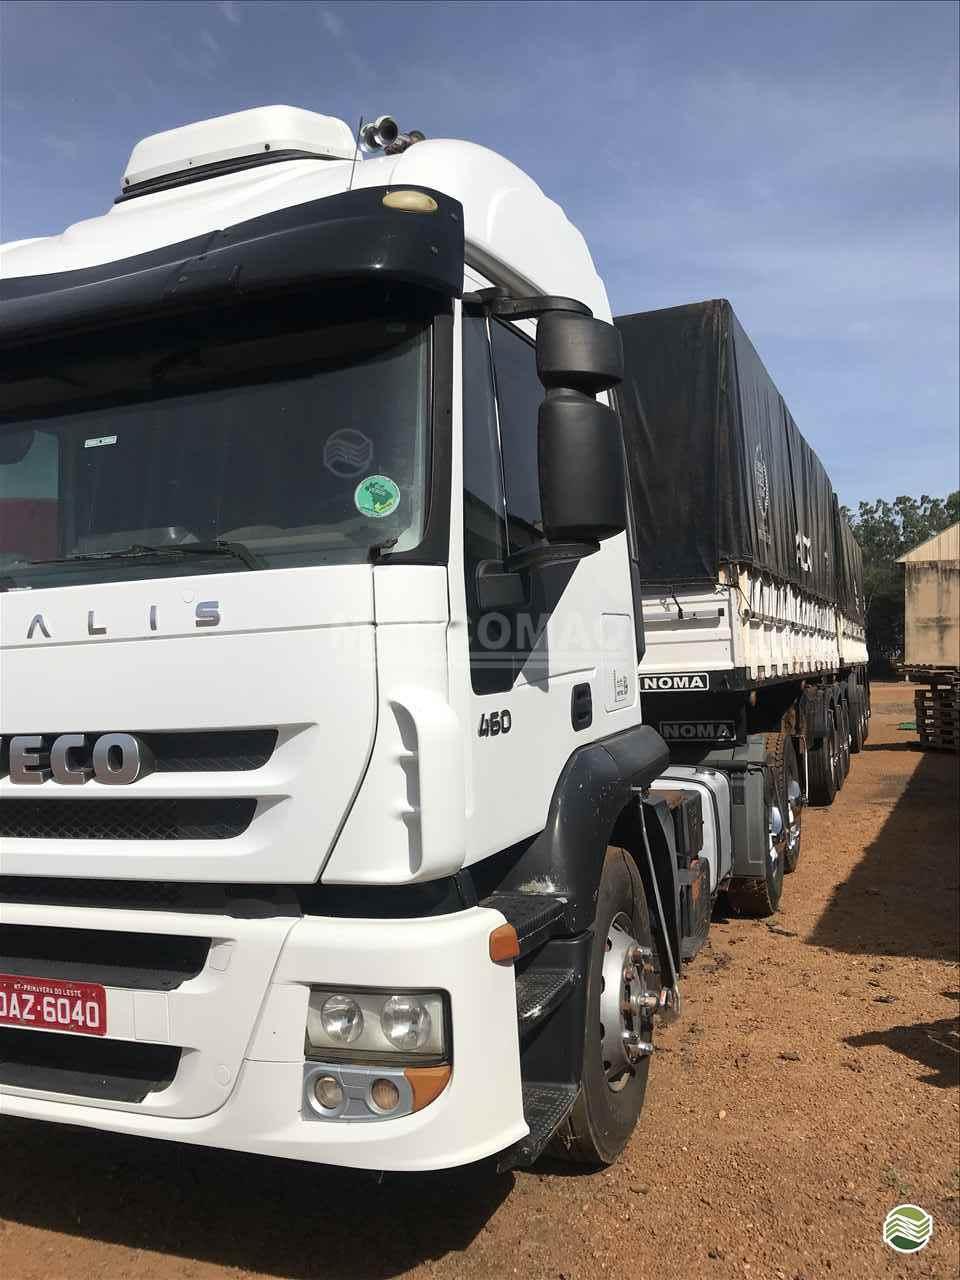 CAMINHAO IVECO STRALIS 460 Graneleiro Truck 6x2 Mercomaq - JAN - GTS PRIMAVERA DO LESTE MATO GROSSO MT